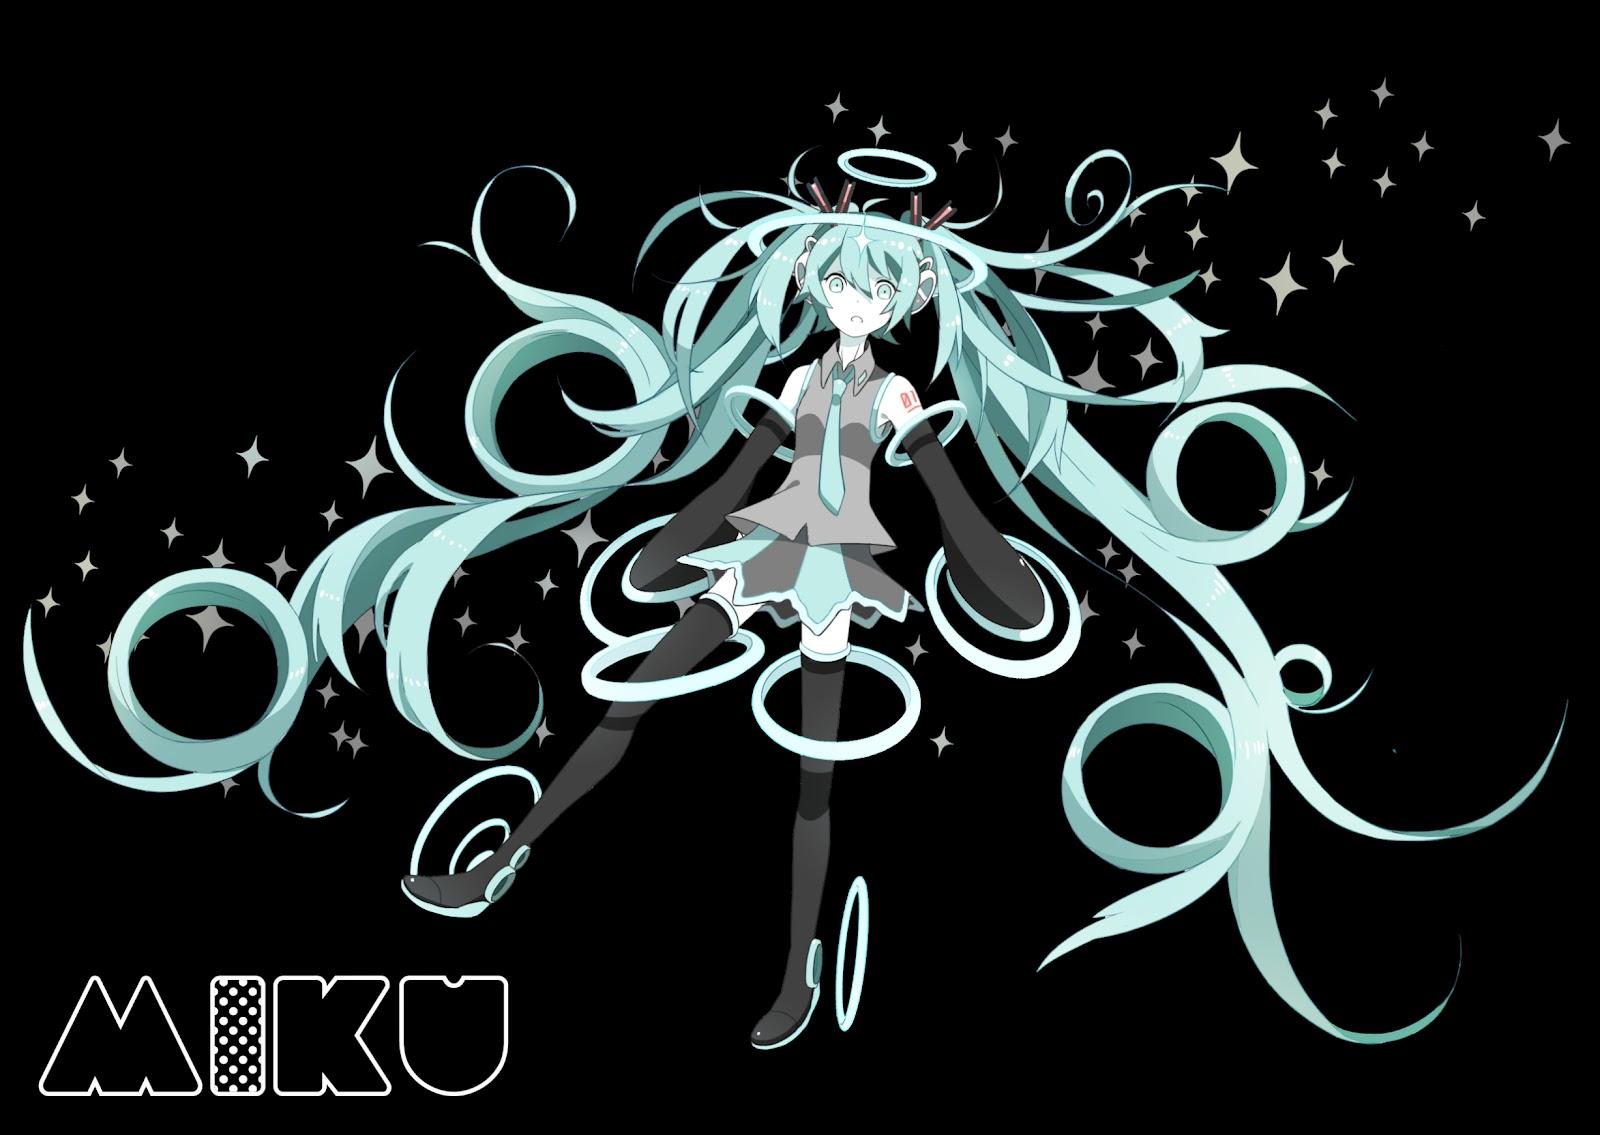 http://1.bp.blogspot.com/-LRumwr7UP_s/T_3SybRowoI/AAAAAAAAANs/VkdNfYHnjk0/s1600/A38.jpg